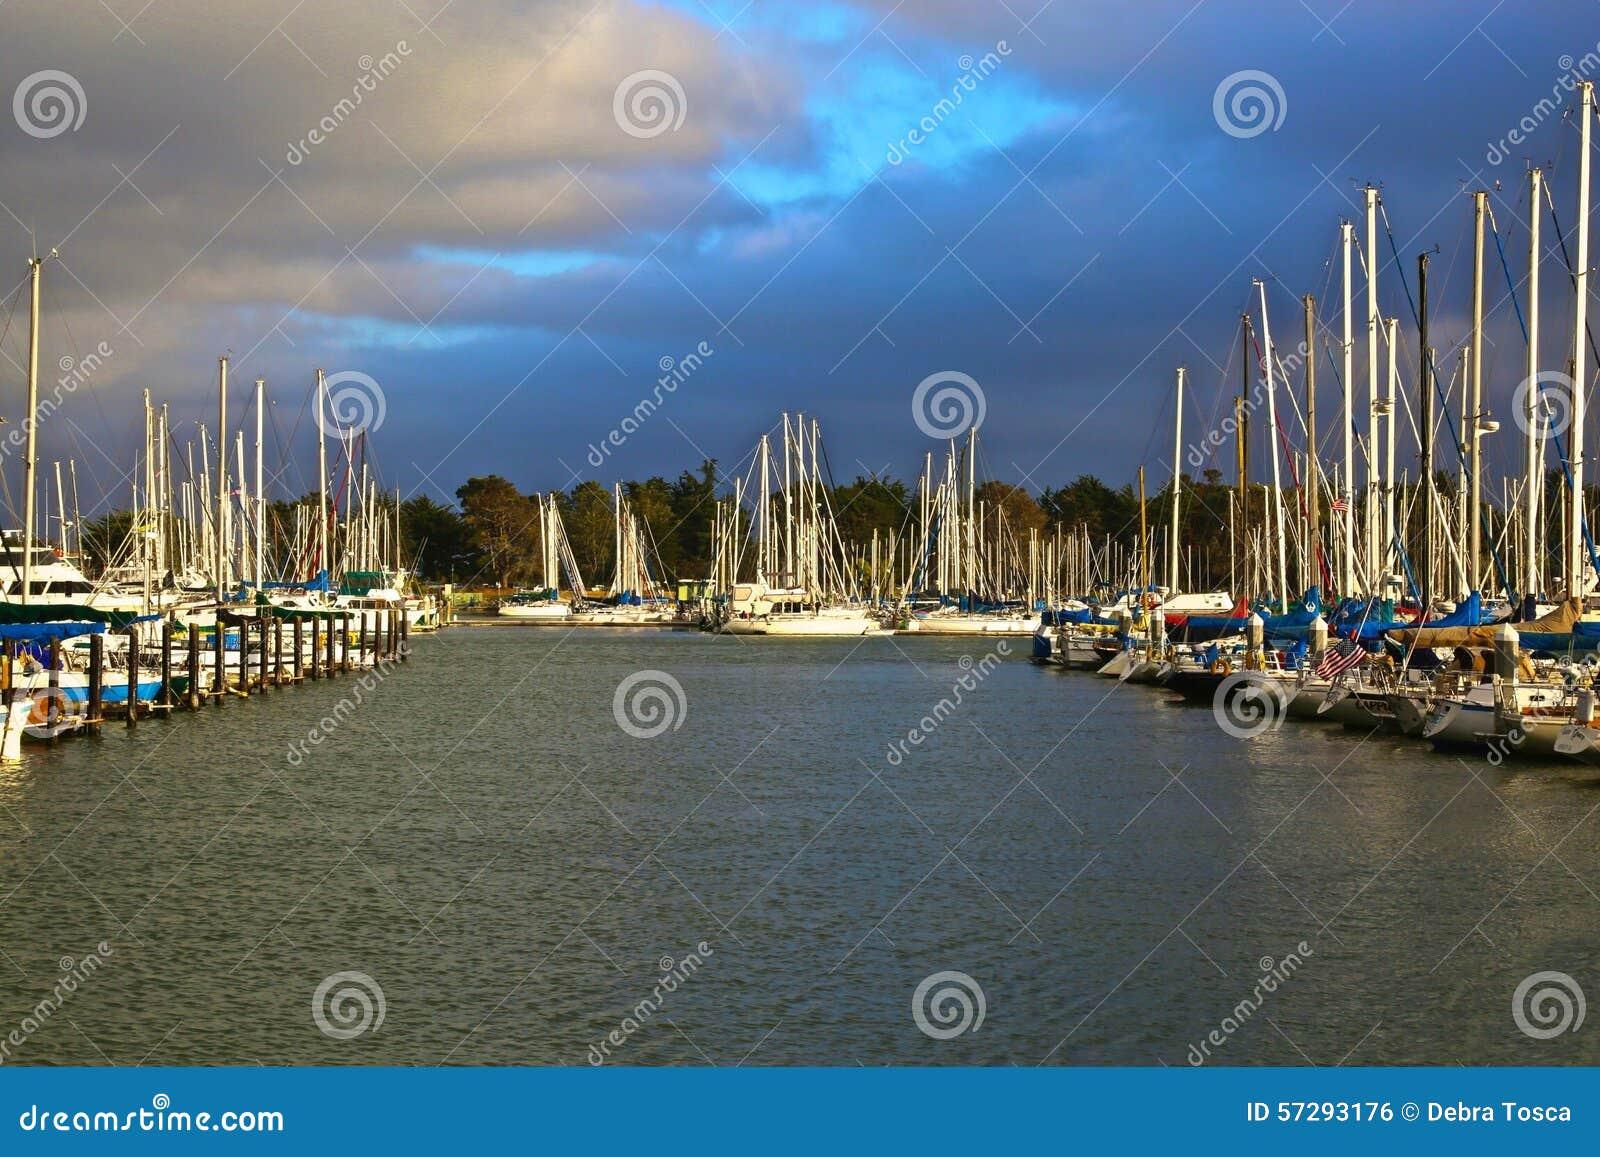 Marina Berkeley California